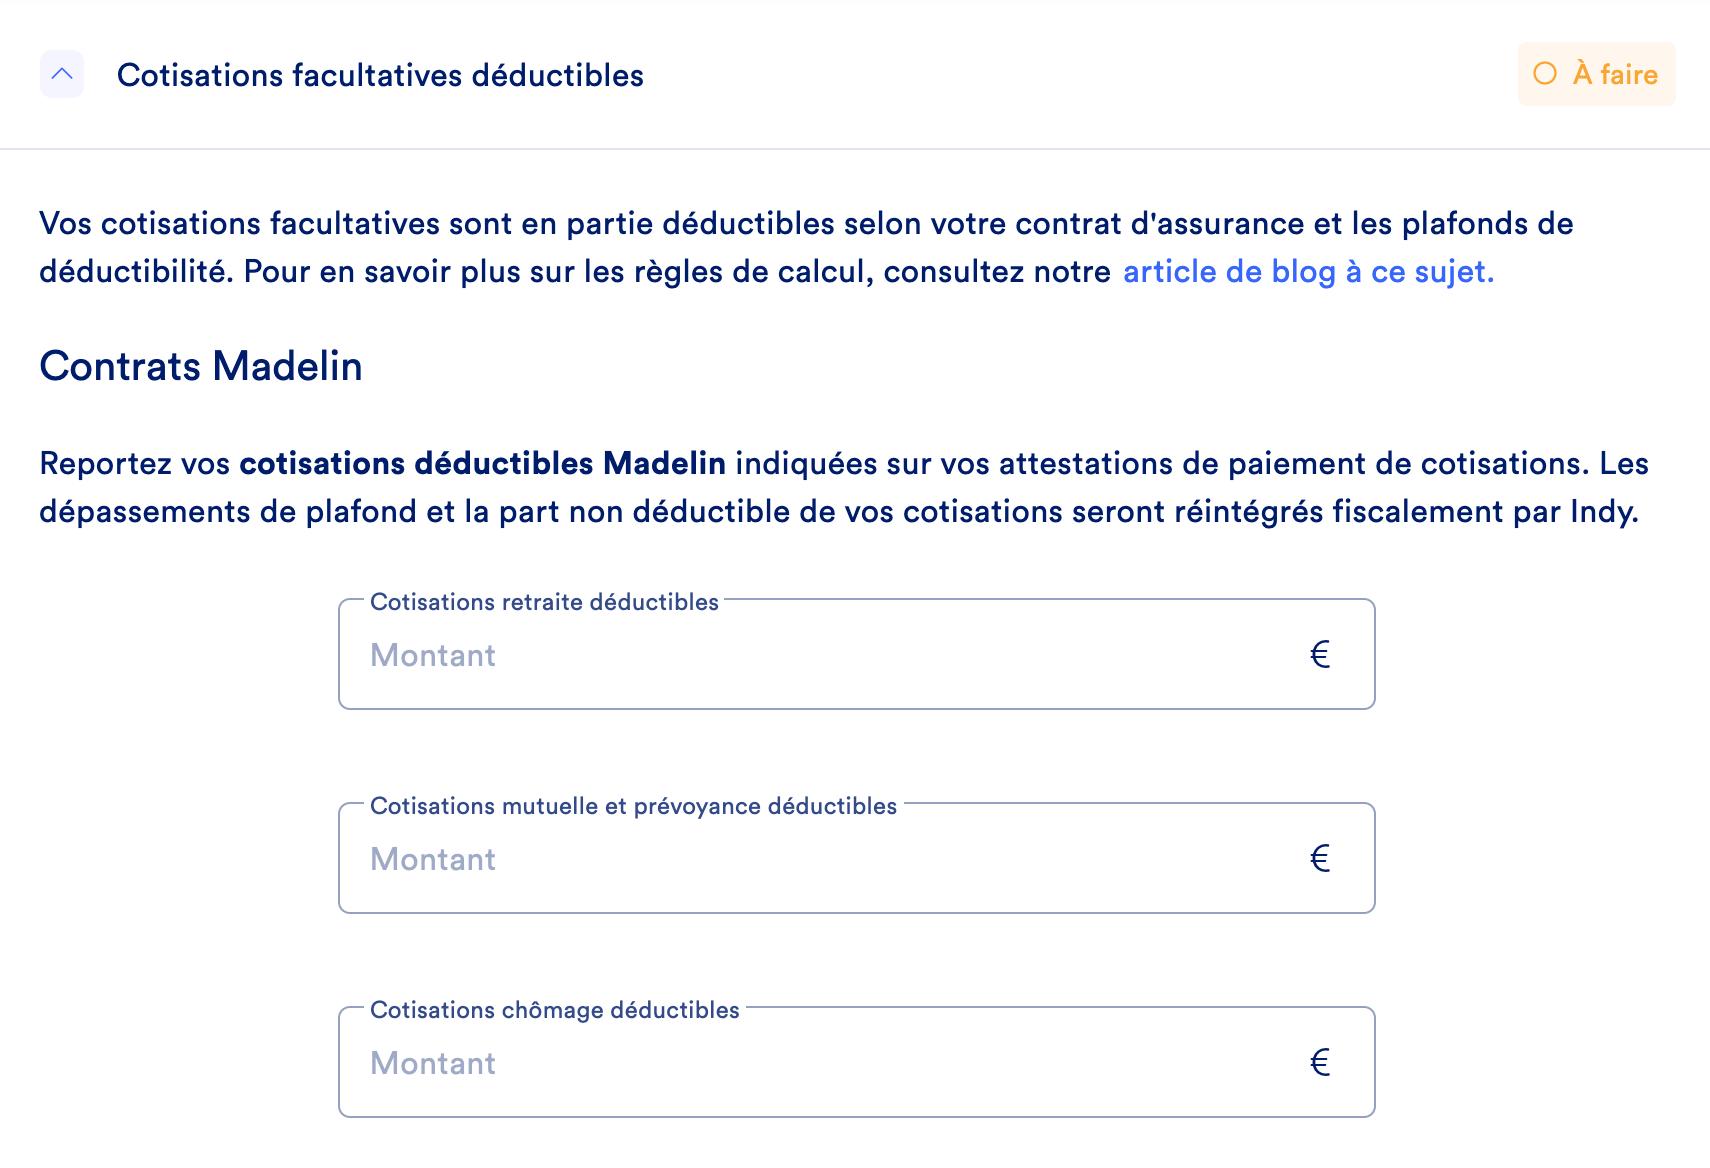 indy_cotisations_facultatives_déductibles1